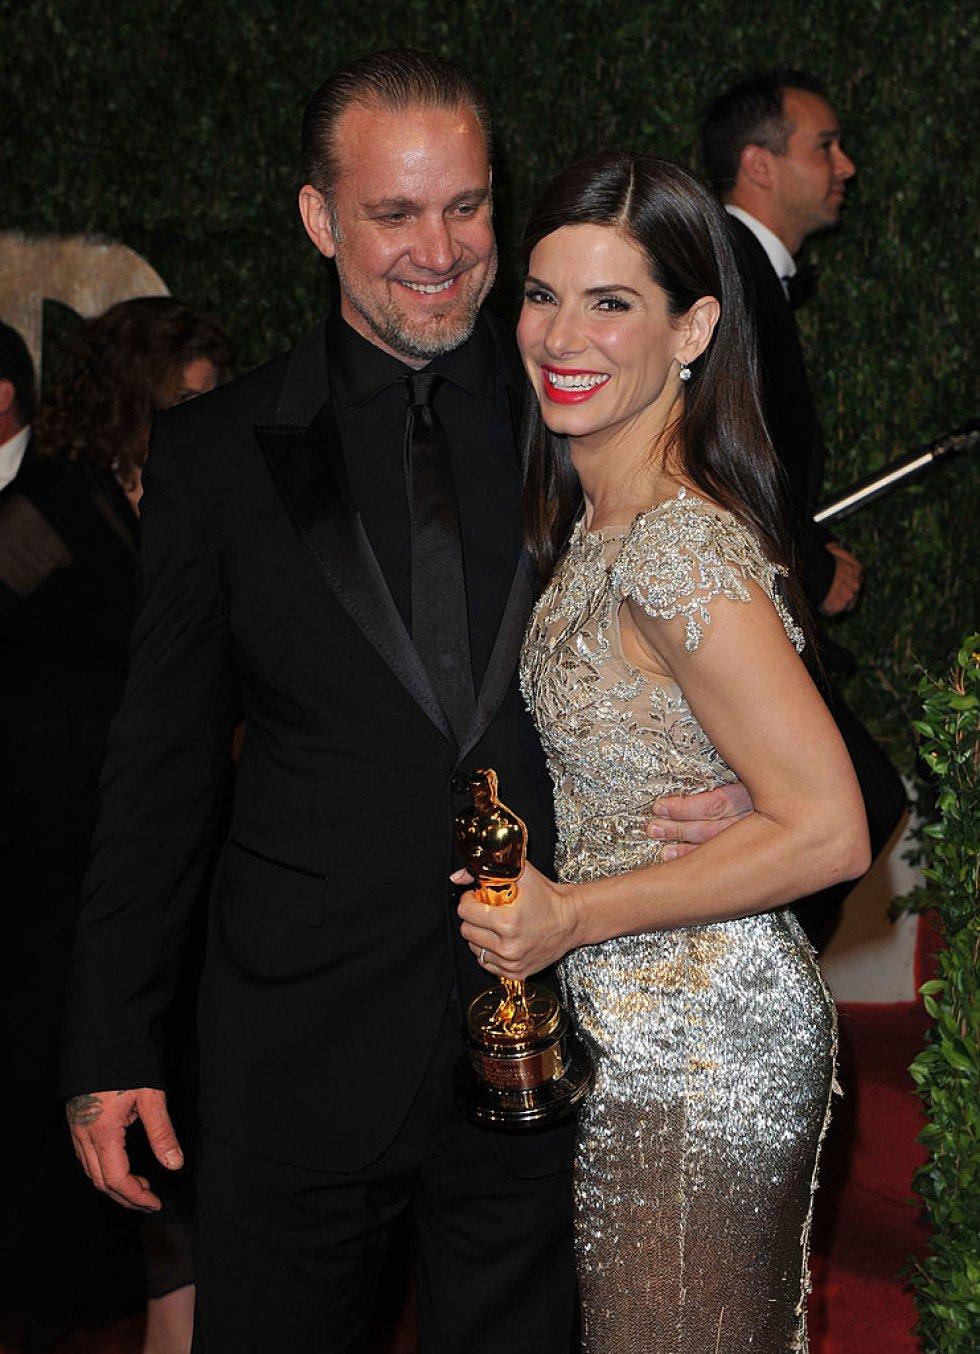 Jesse James le fue infiel a Sanda Bullock con una modelo y actriz. Bullock se enteró durante una ceremonia de los Óscar.